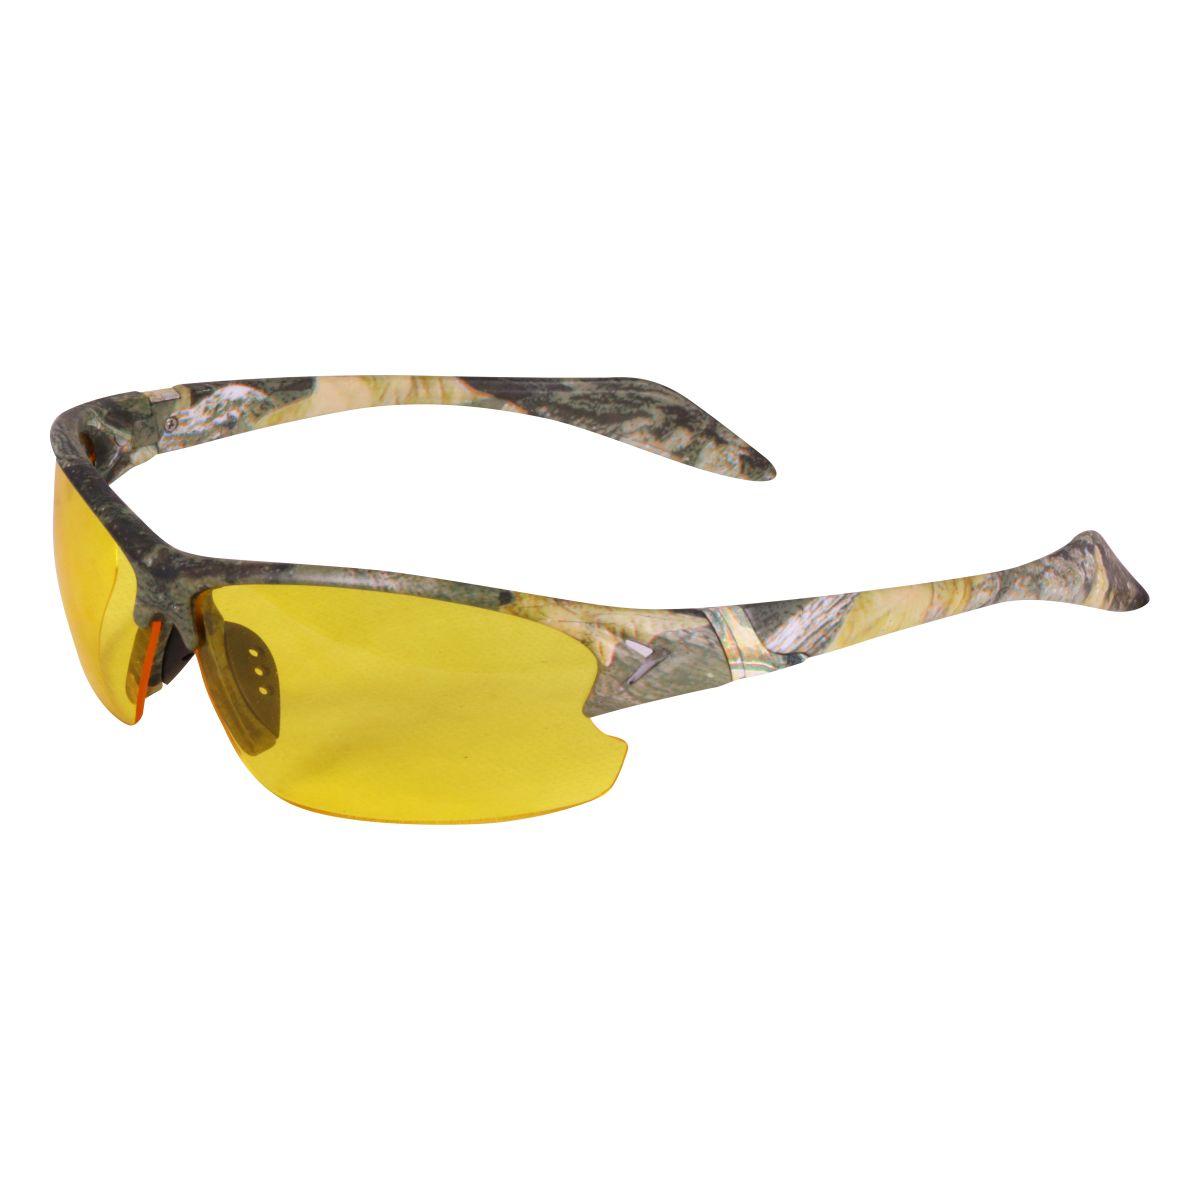 Okuliare strelecké 2 skla s púzdrom FORES CAMO ZELENÁ